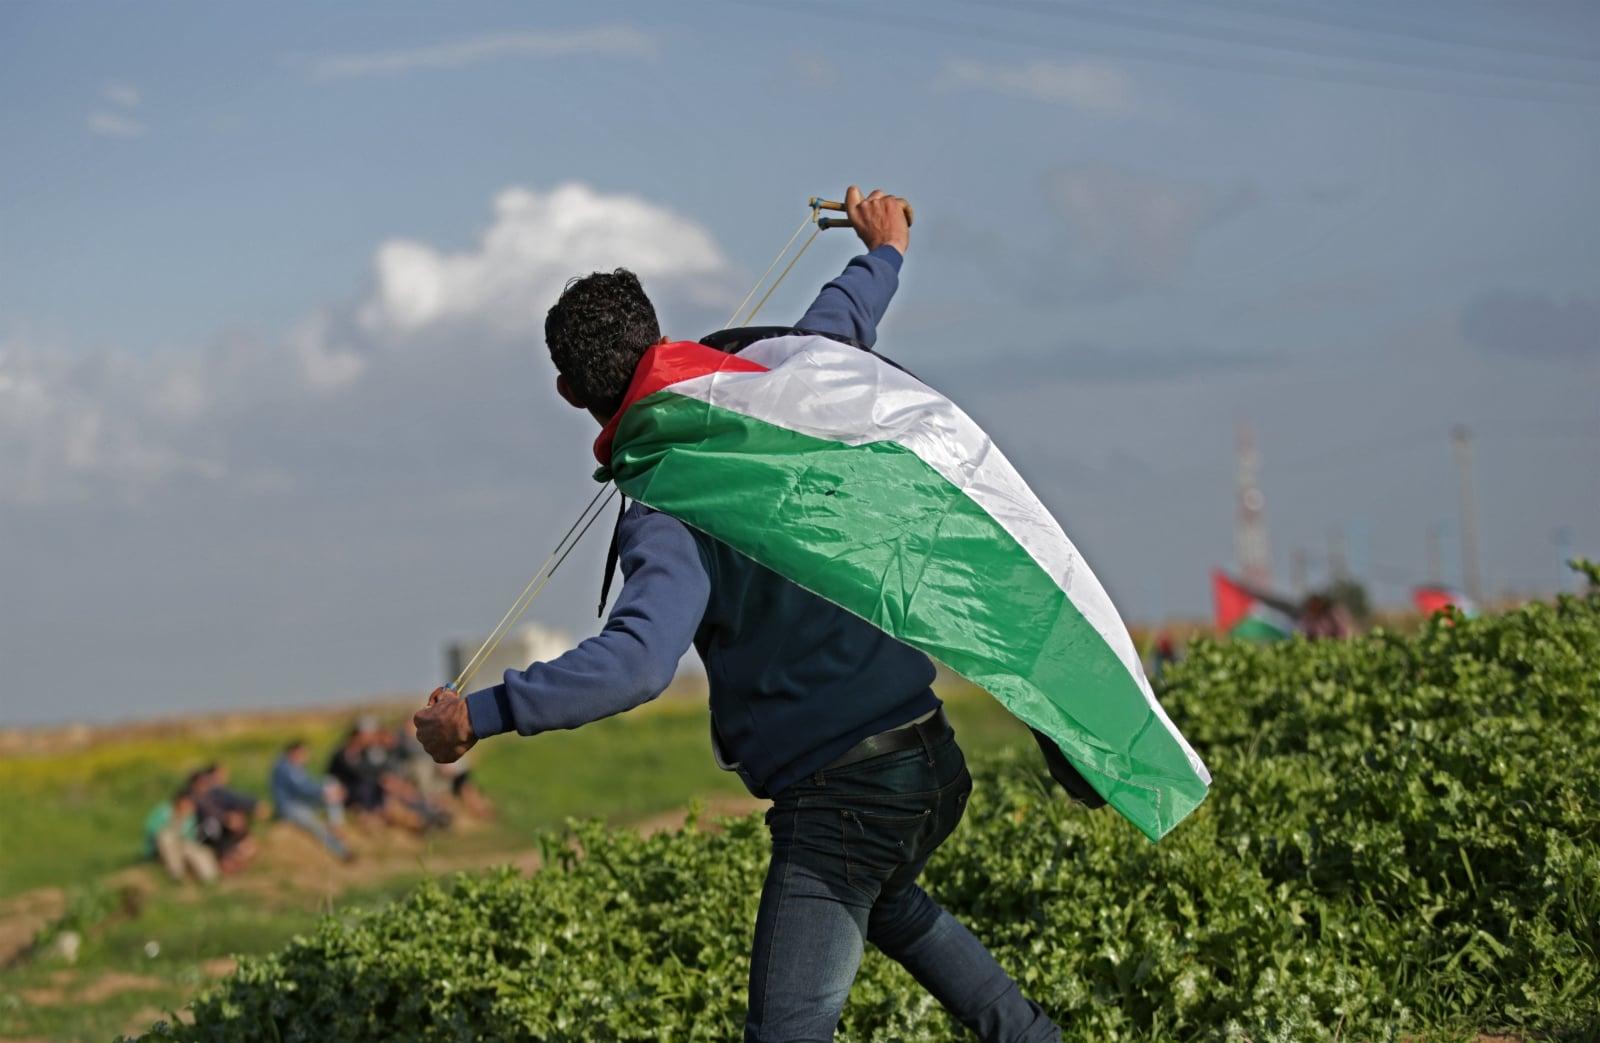 Konflikt izraelsko-palestyński fot. EPA/MOHAMMED SABER